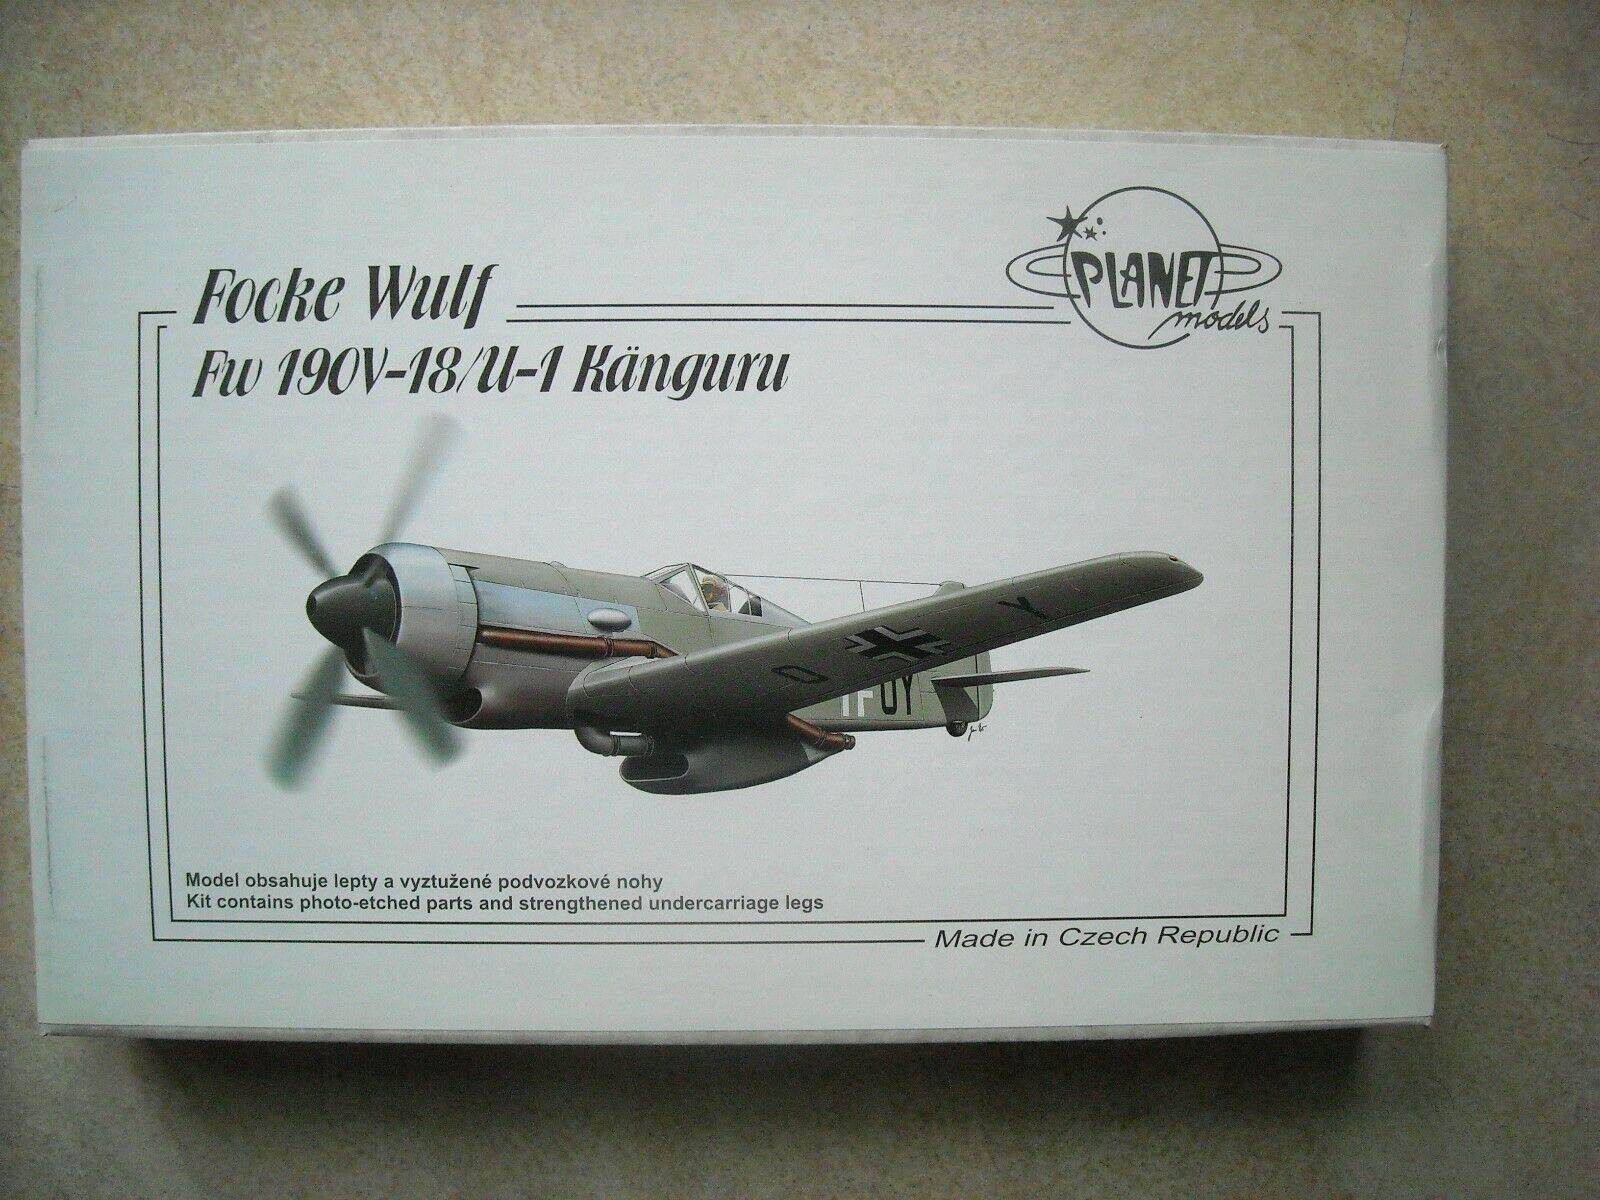 PLANET MODELS-1 48- 193-FOCKE WULF FW190V-18 U-1 KANGURU